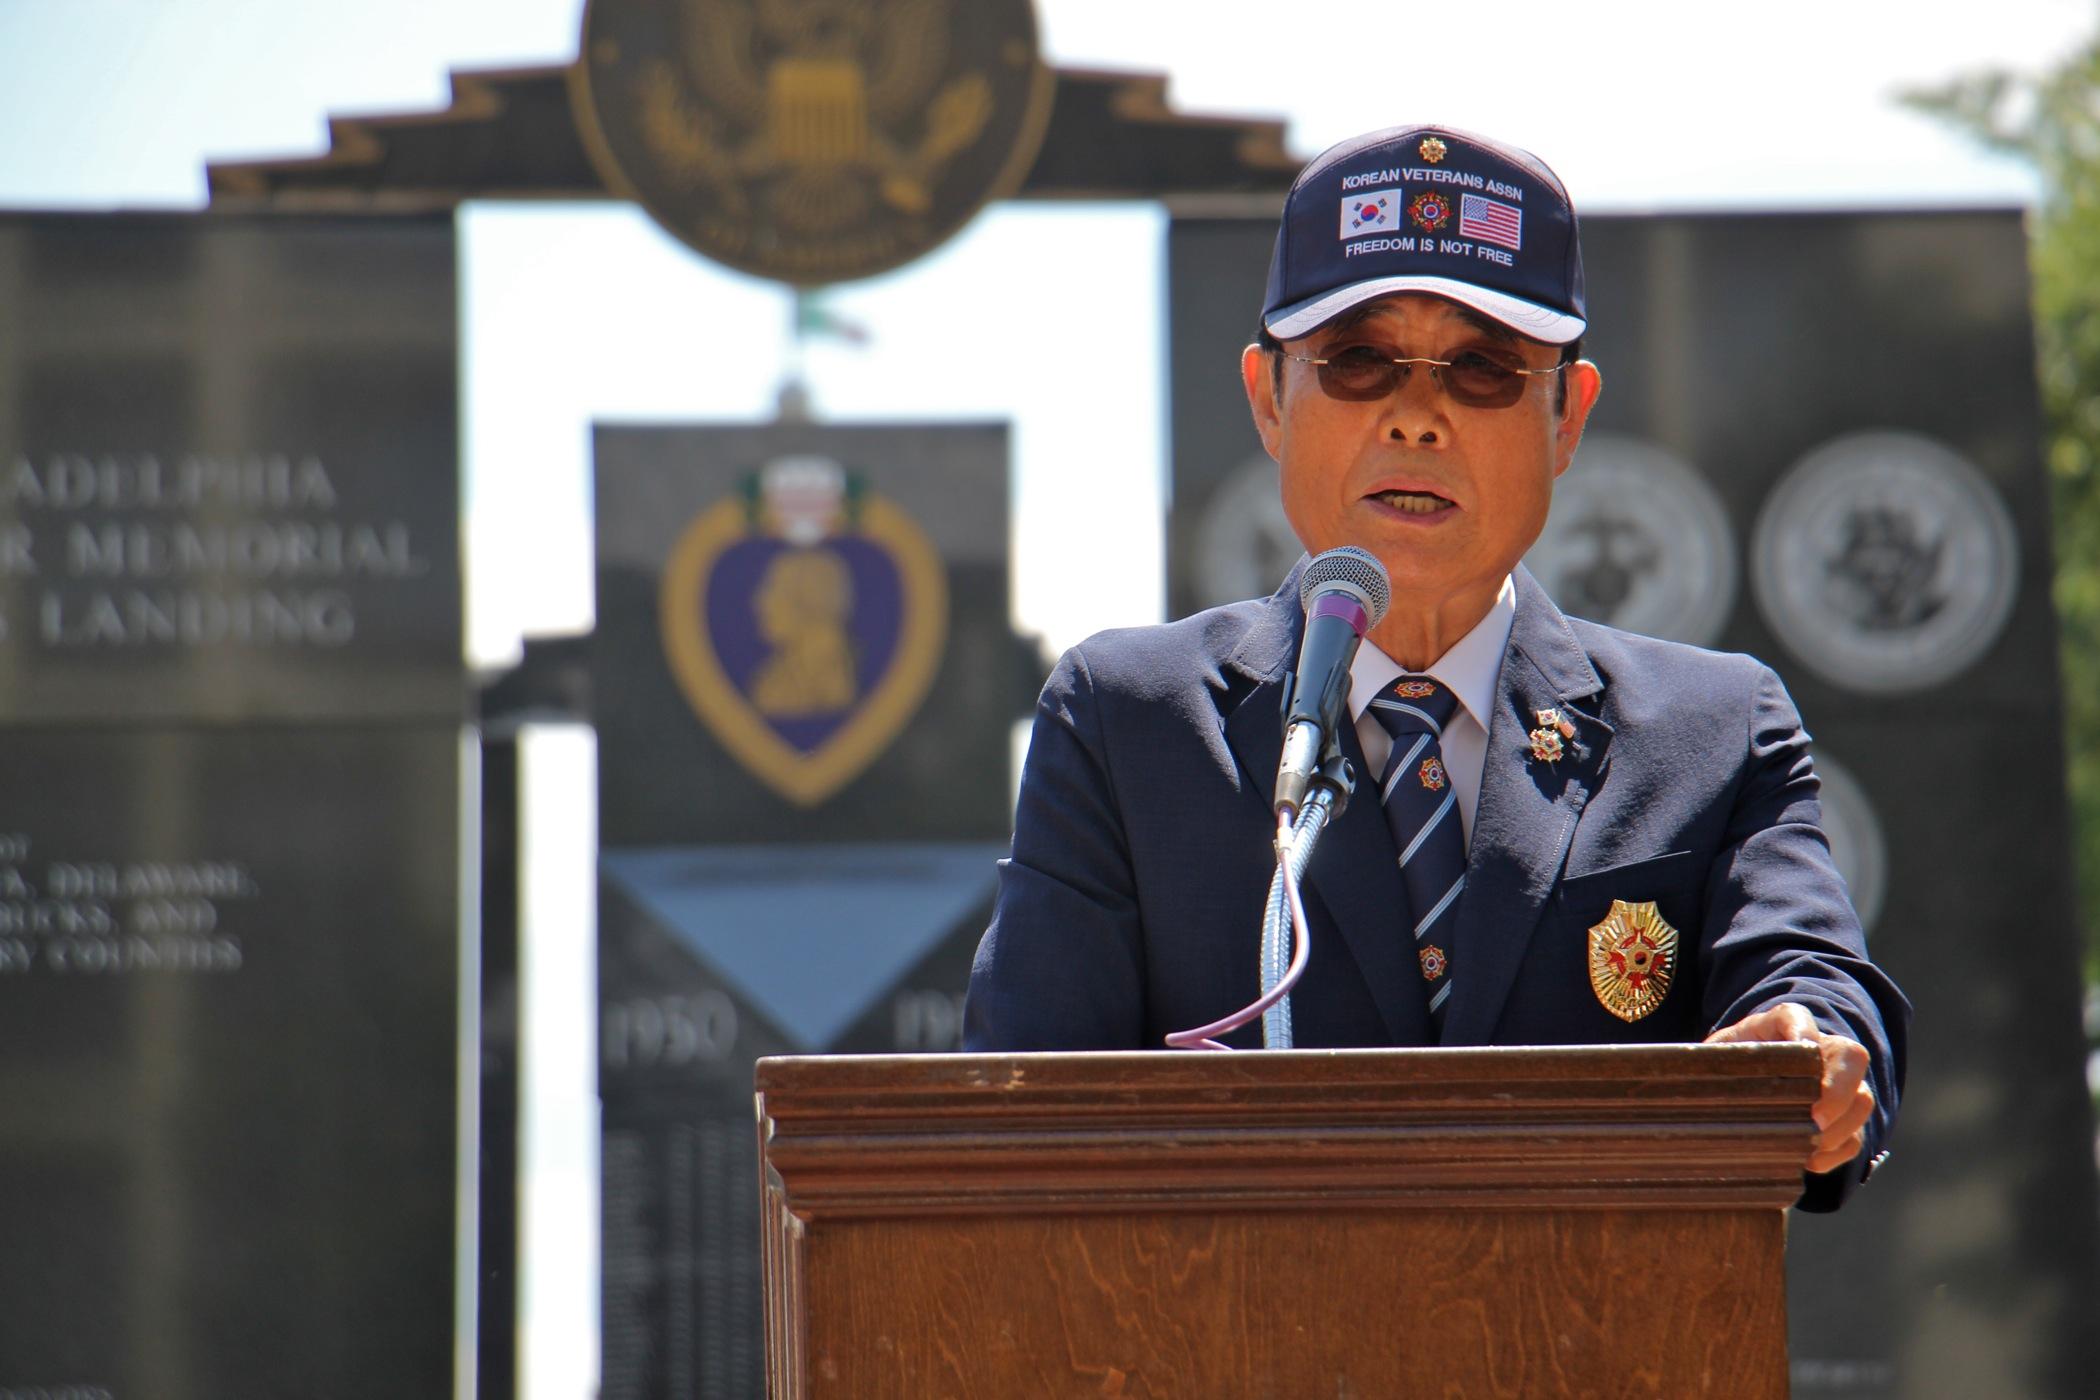 Oh Young Lee, president of the Korean Veterans Association of the Philadelphia Region, speaks at the Korean War Memorial Ceremony at Penn's Landing.